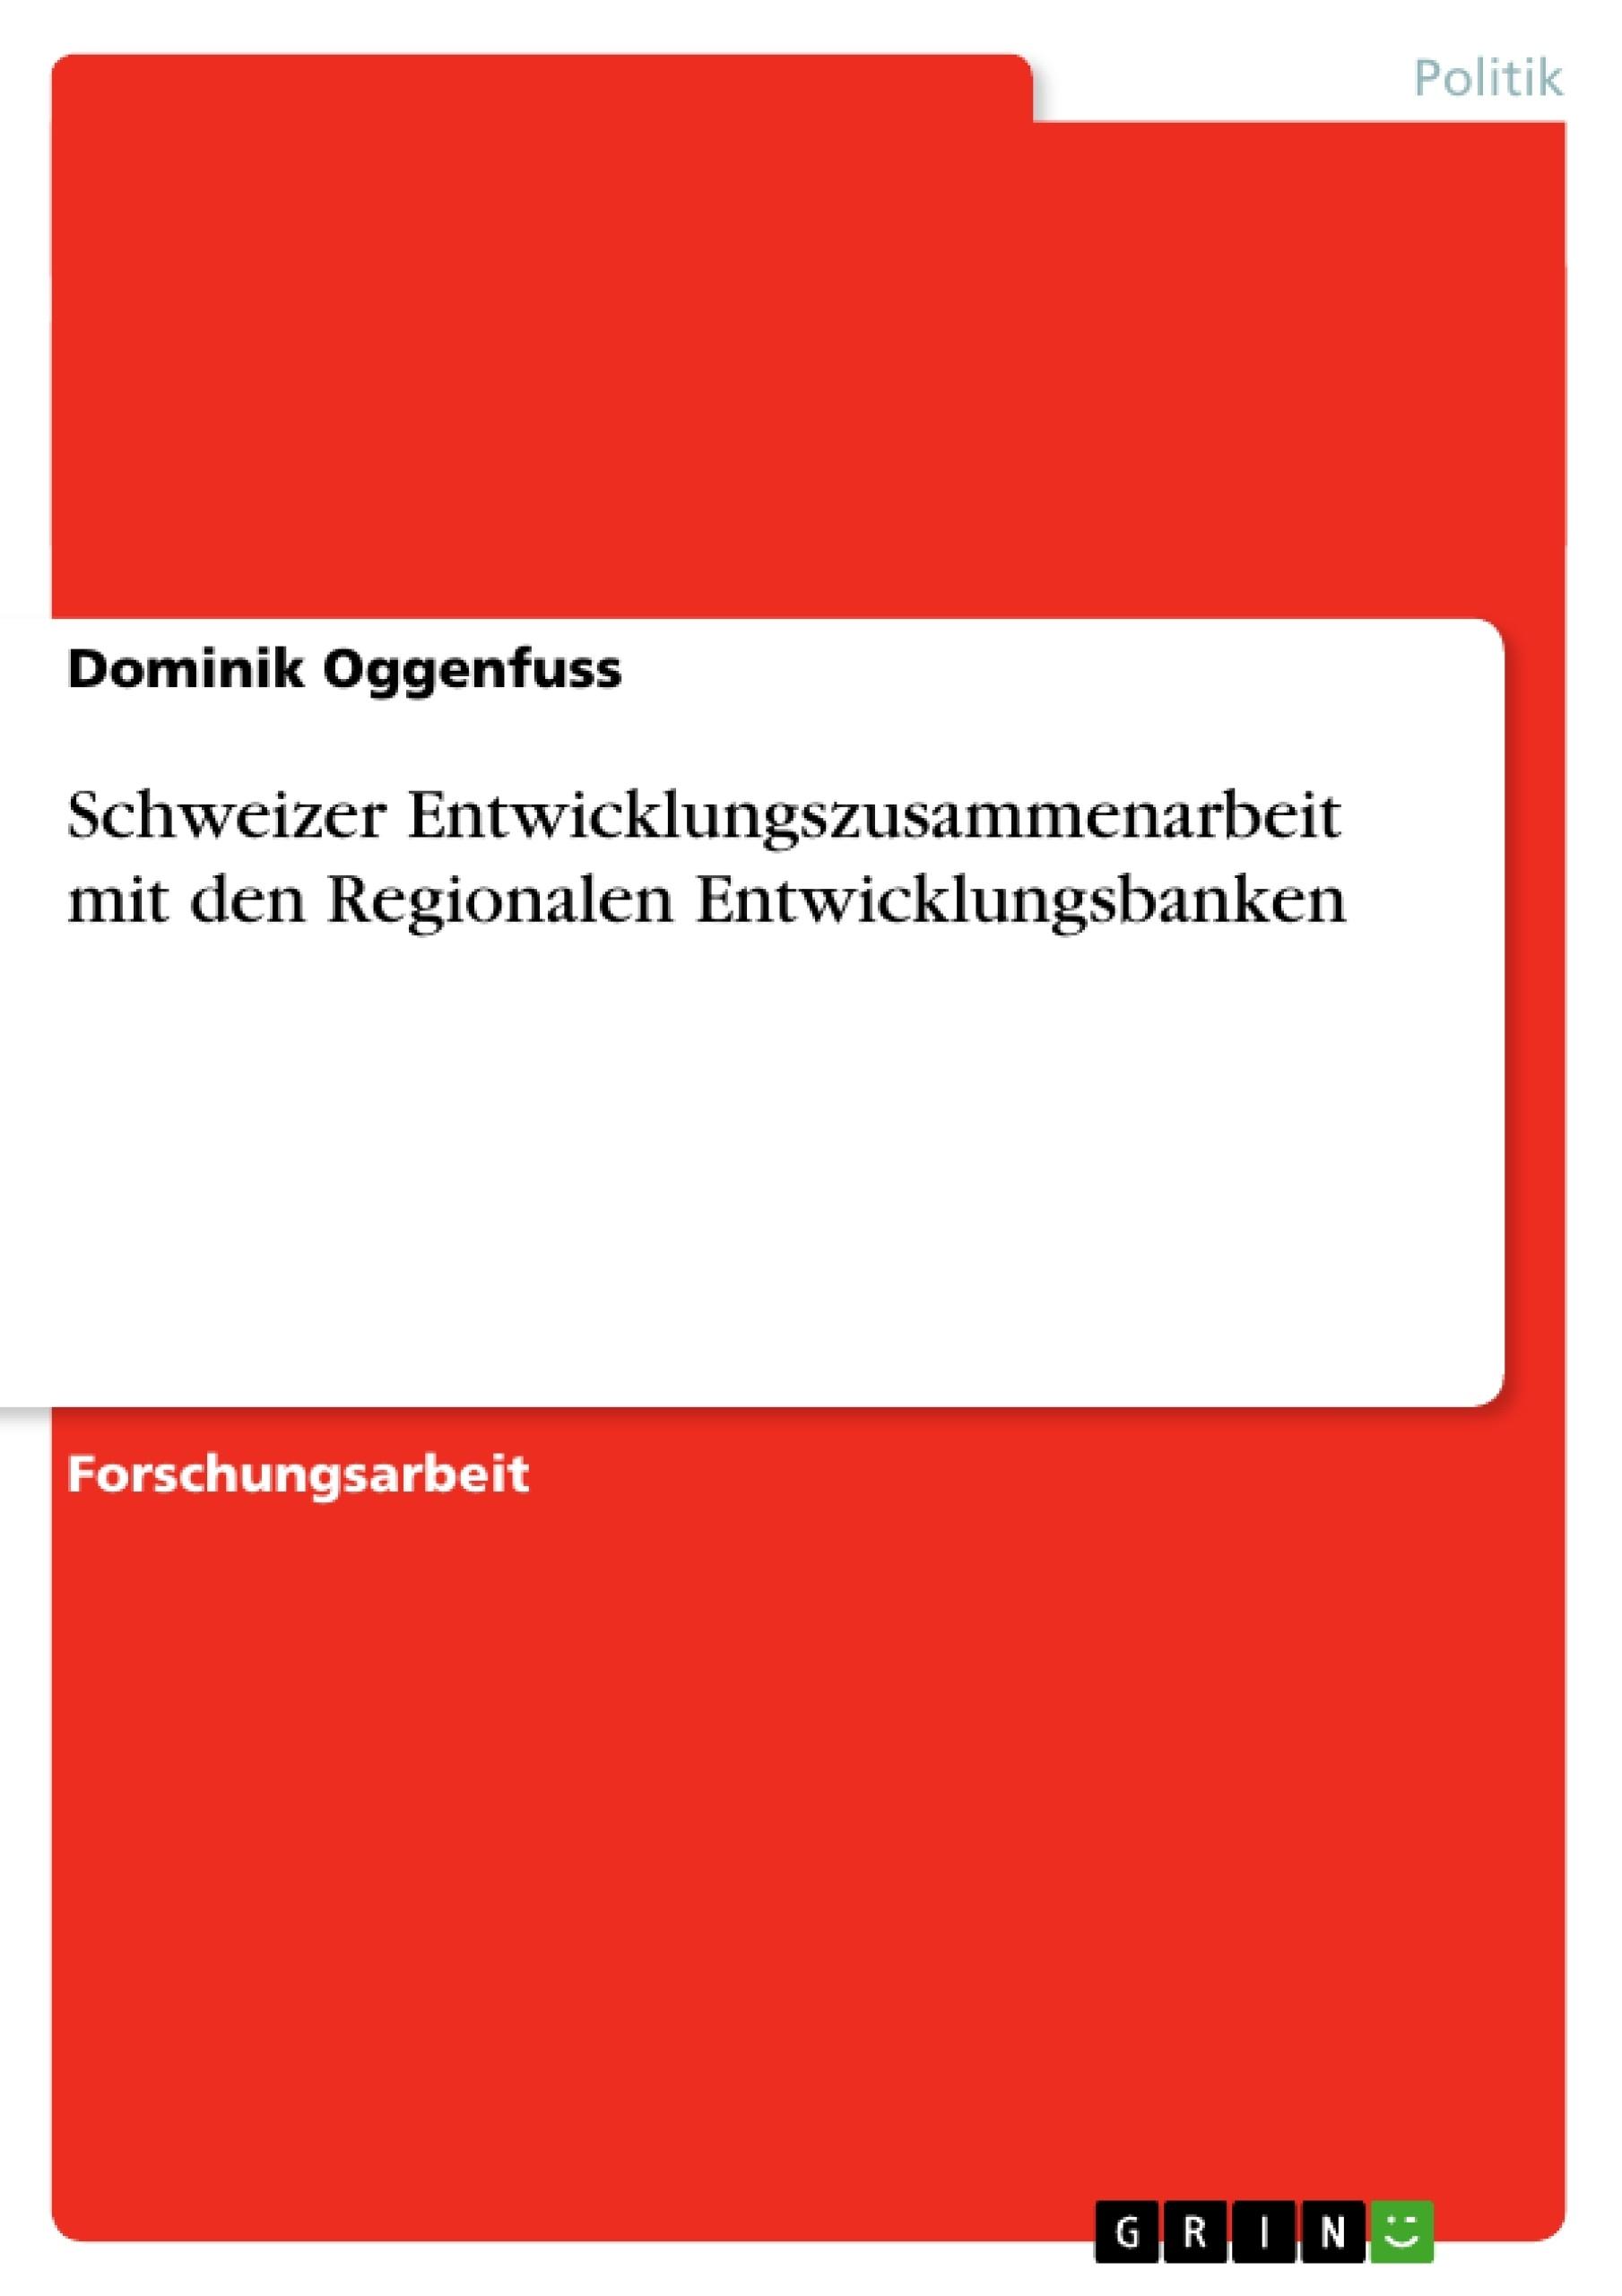 Titel: Schweizer Entwicklungszusammenarbeit mit den Regionalen Entwicklungsbanken